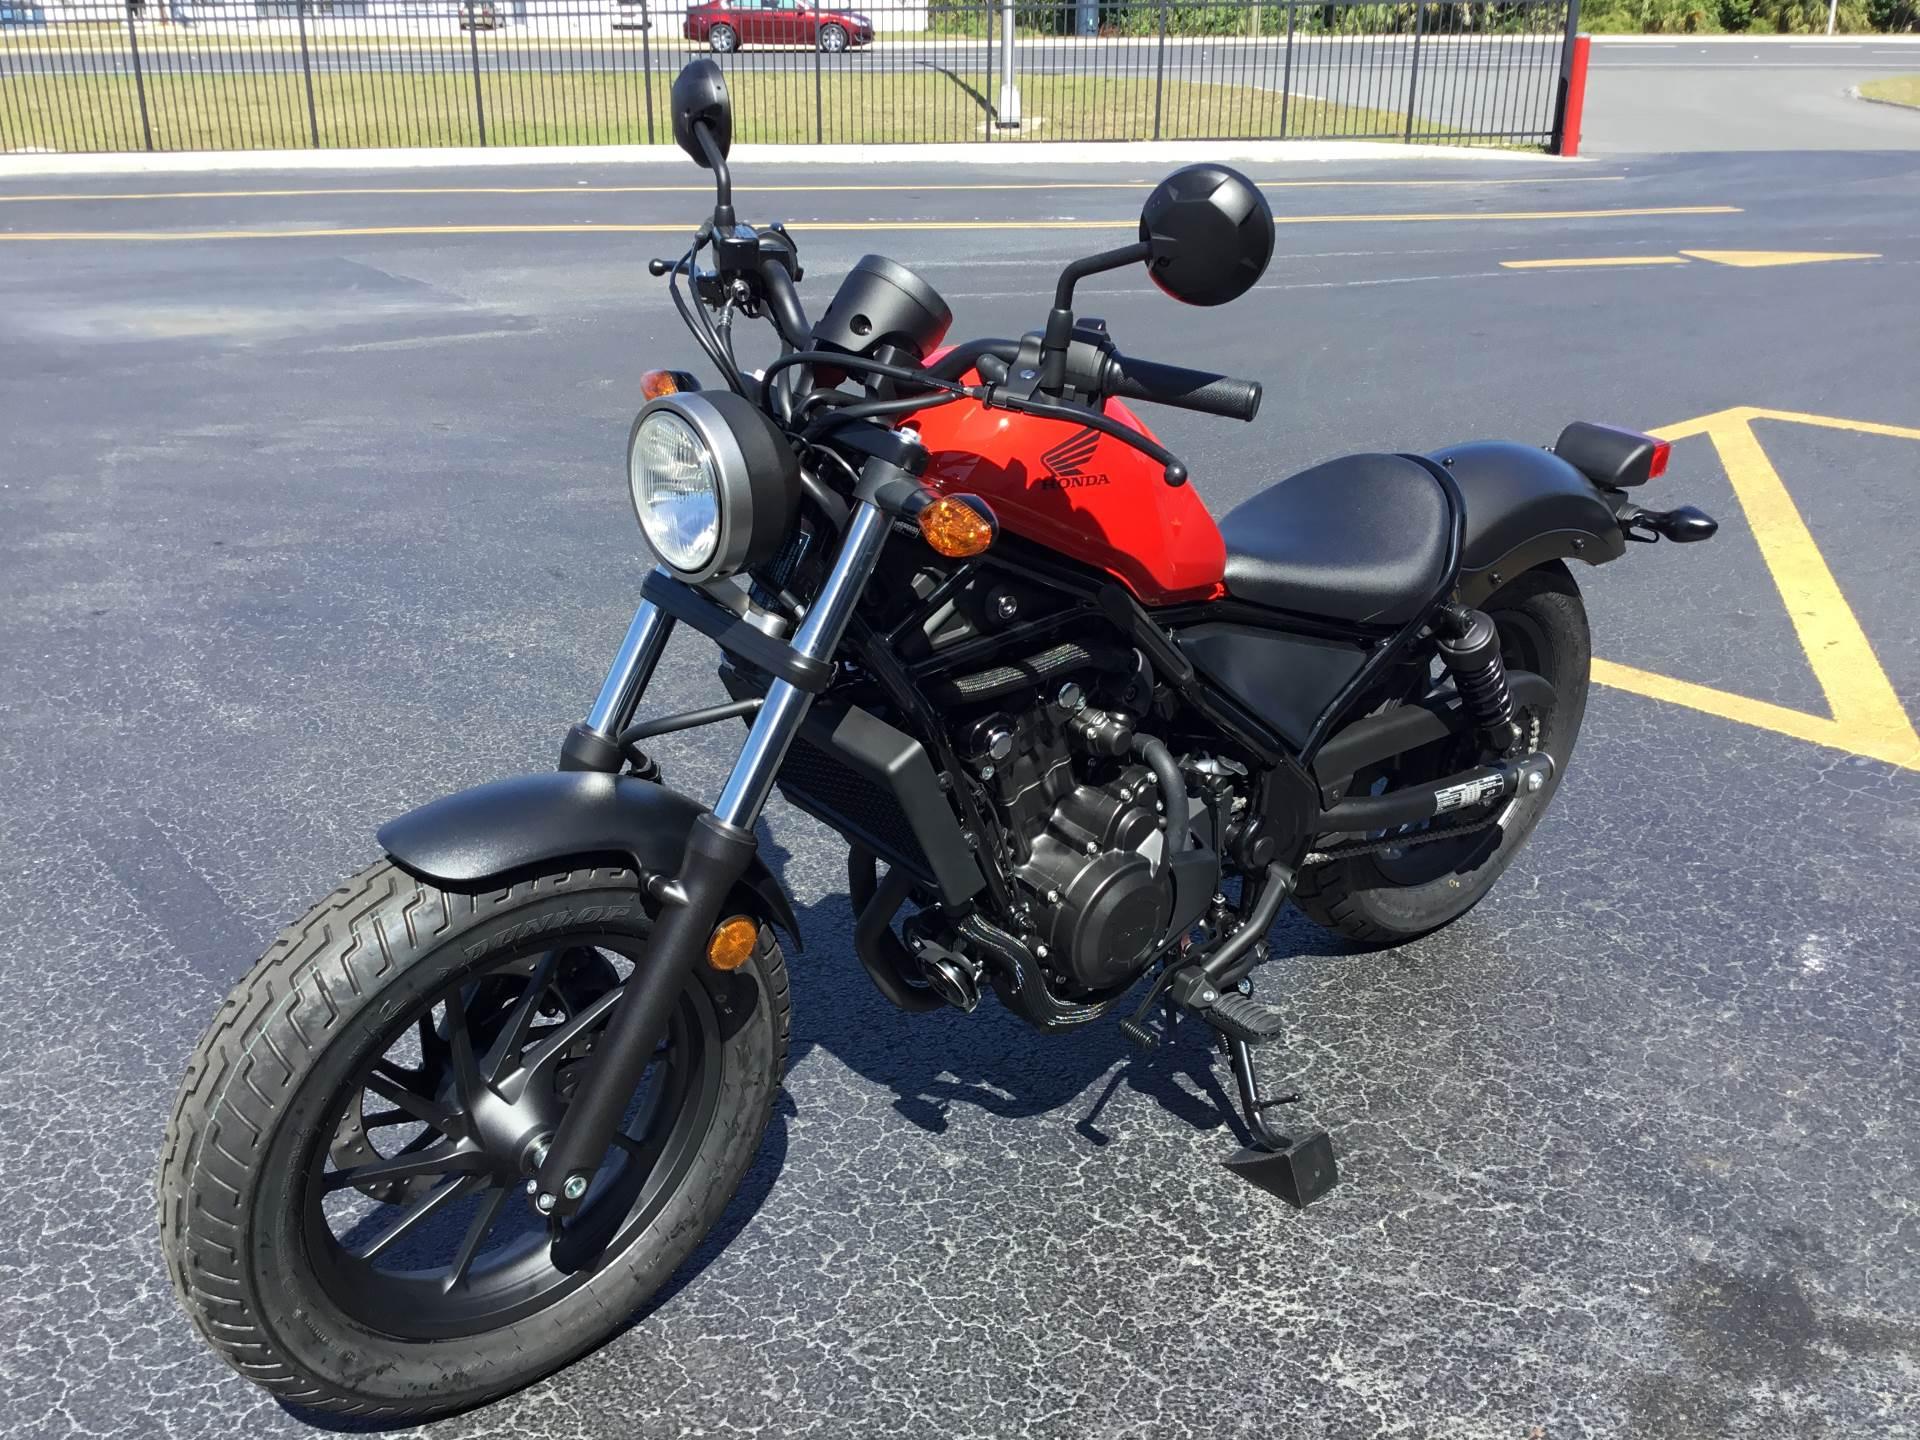 New 2018 honda rebel 500 motorcycles in hudson fl for Action honda hudson fl